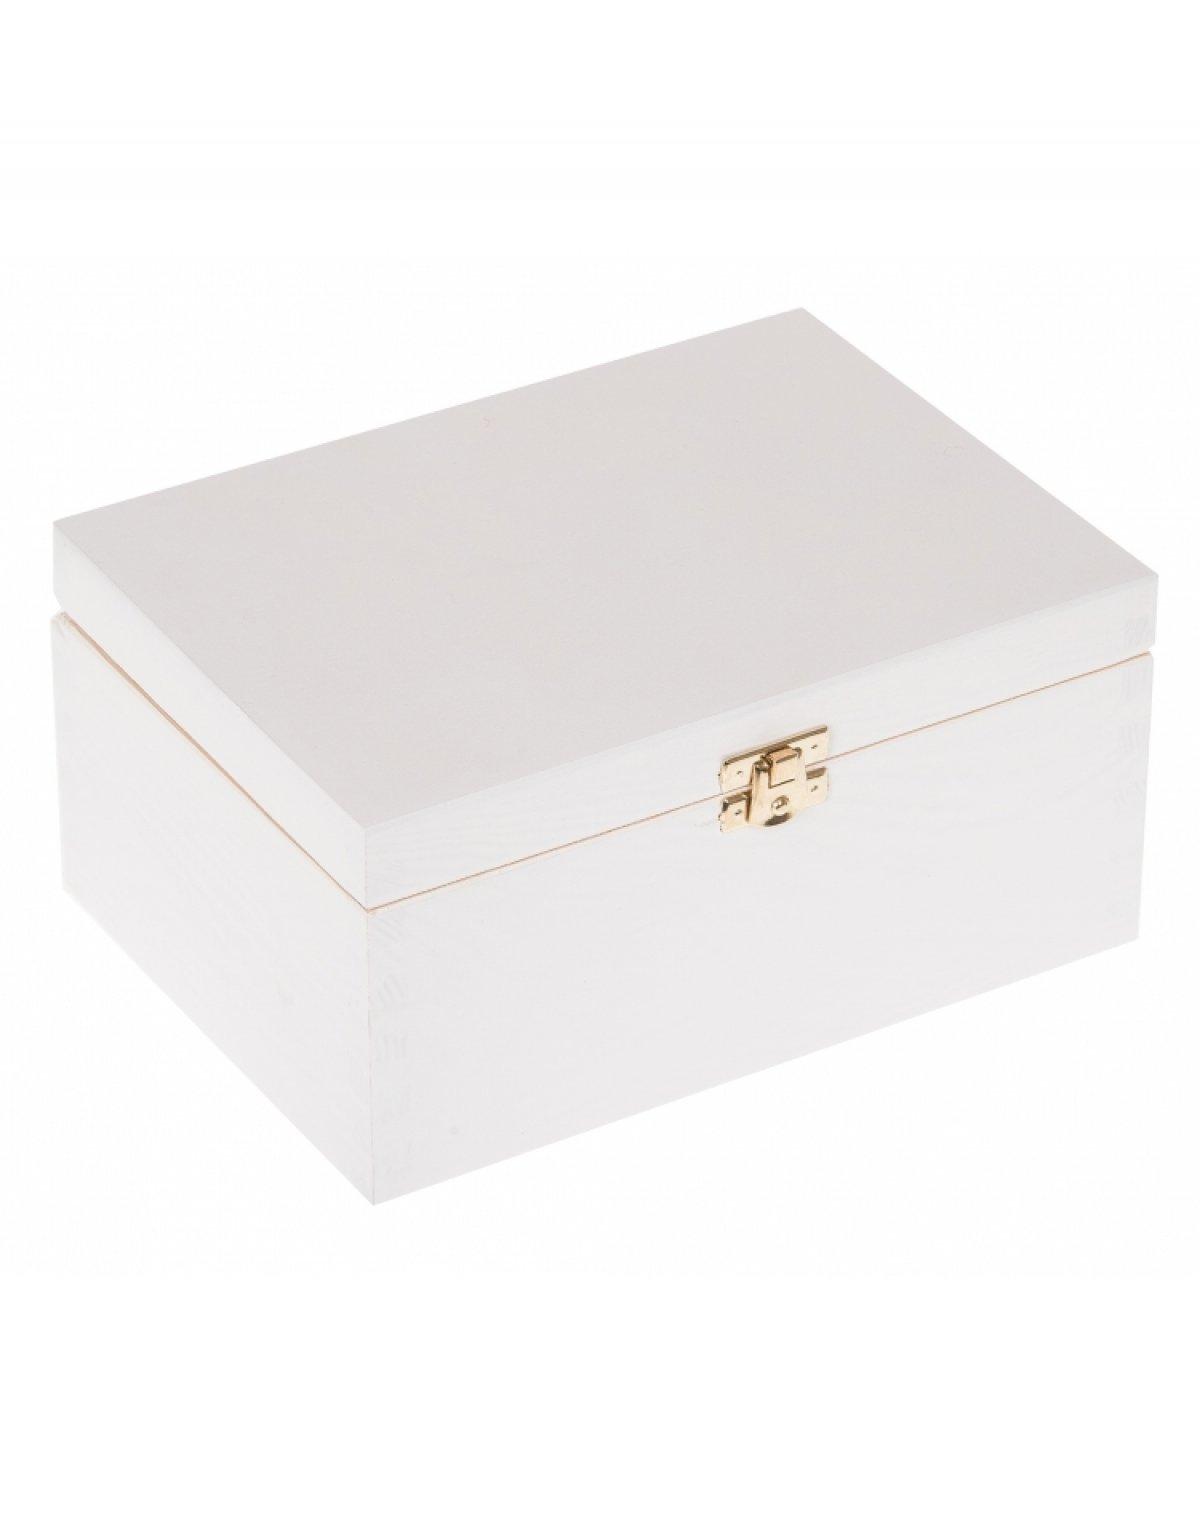 Krabička dřevěná 22x16x10,5 cm - bílá